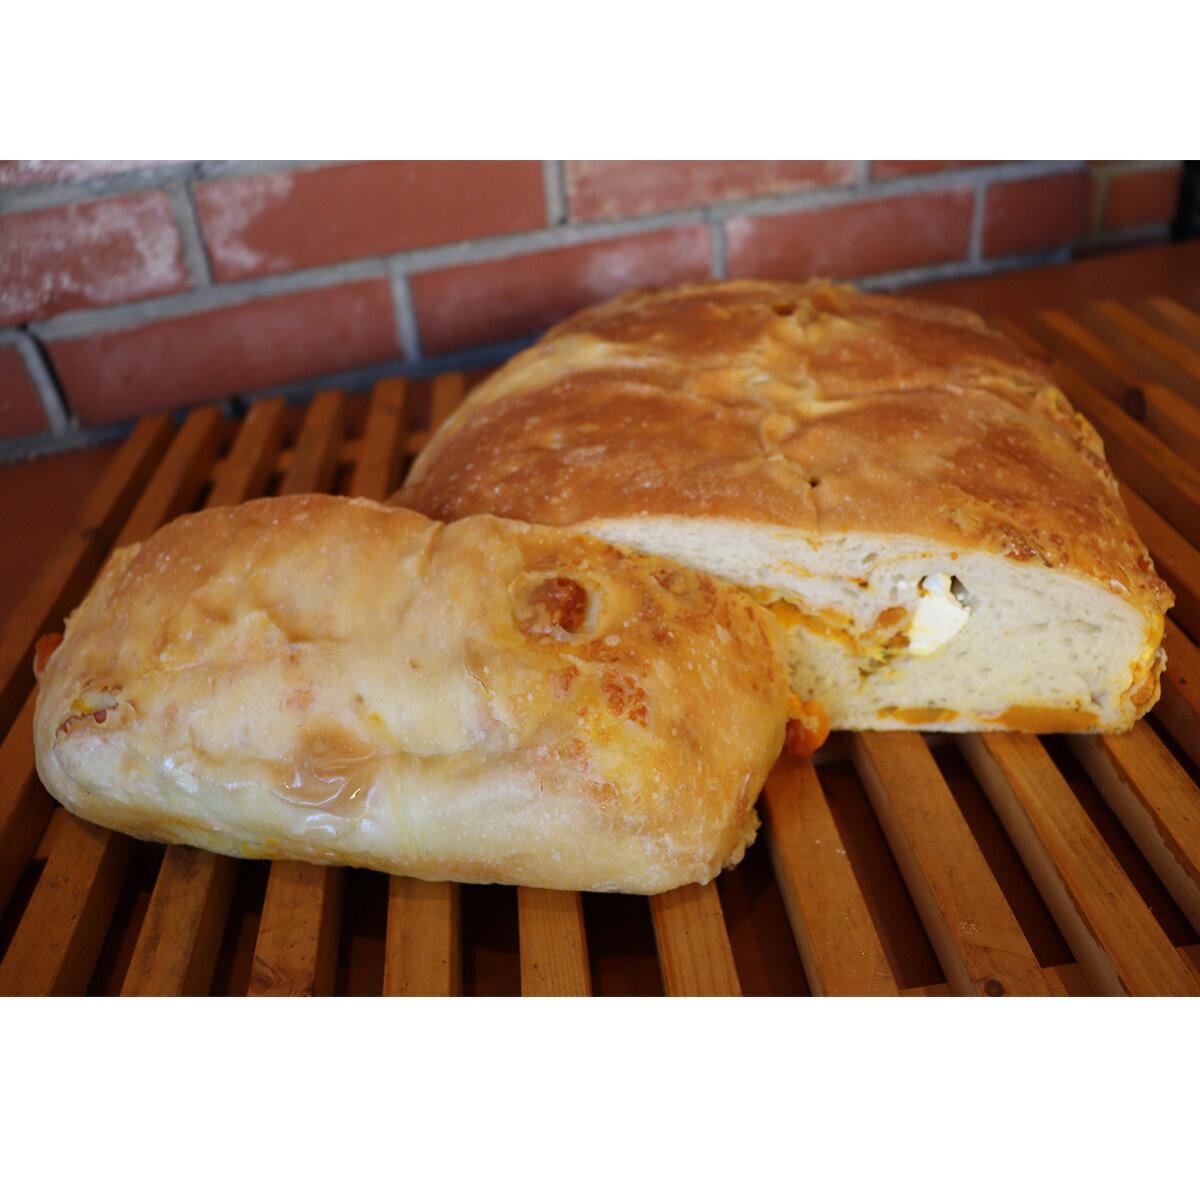 【ふるさと納税】天然酵母フォカッチャpartypan(ホクホク南瓜クリームチーズ)